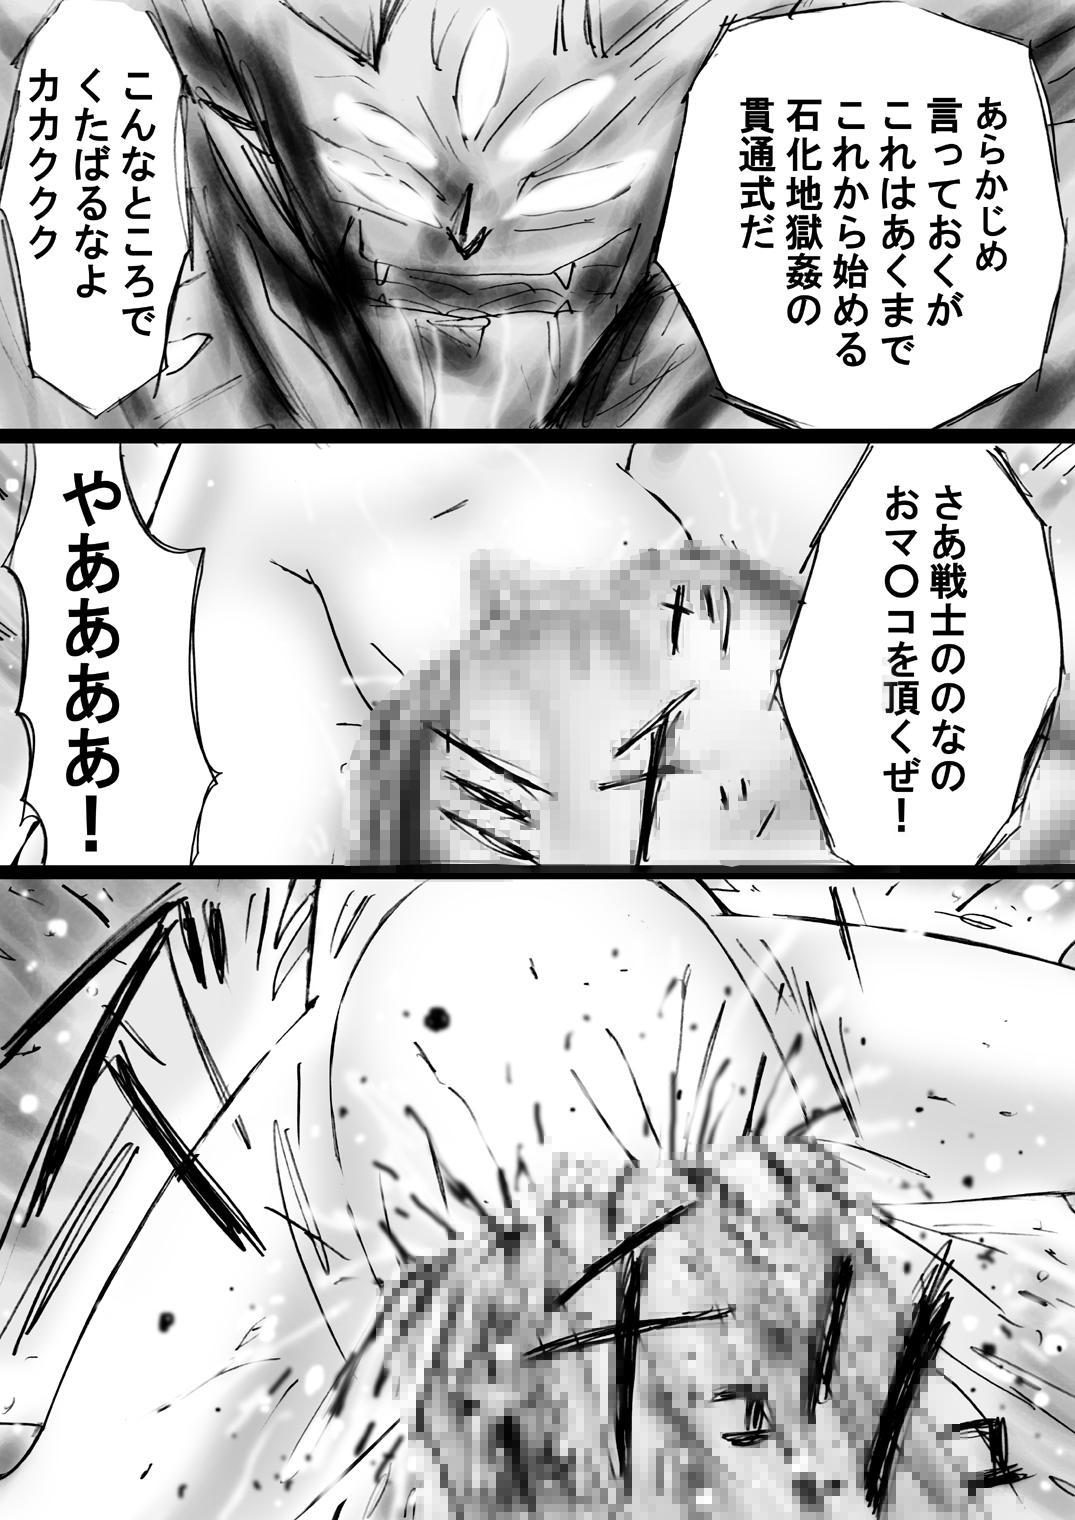 [Dende] Fushigi Sekai -Mystery World- no Nona 17 ~ Taiketsu Fujimi no Dai Inma Dakurasu, Kanzen Sekka no Kyoufu 154